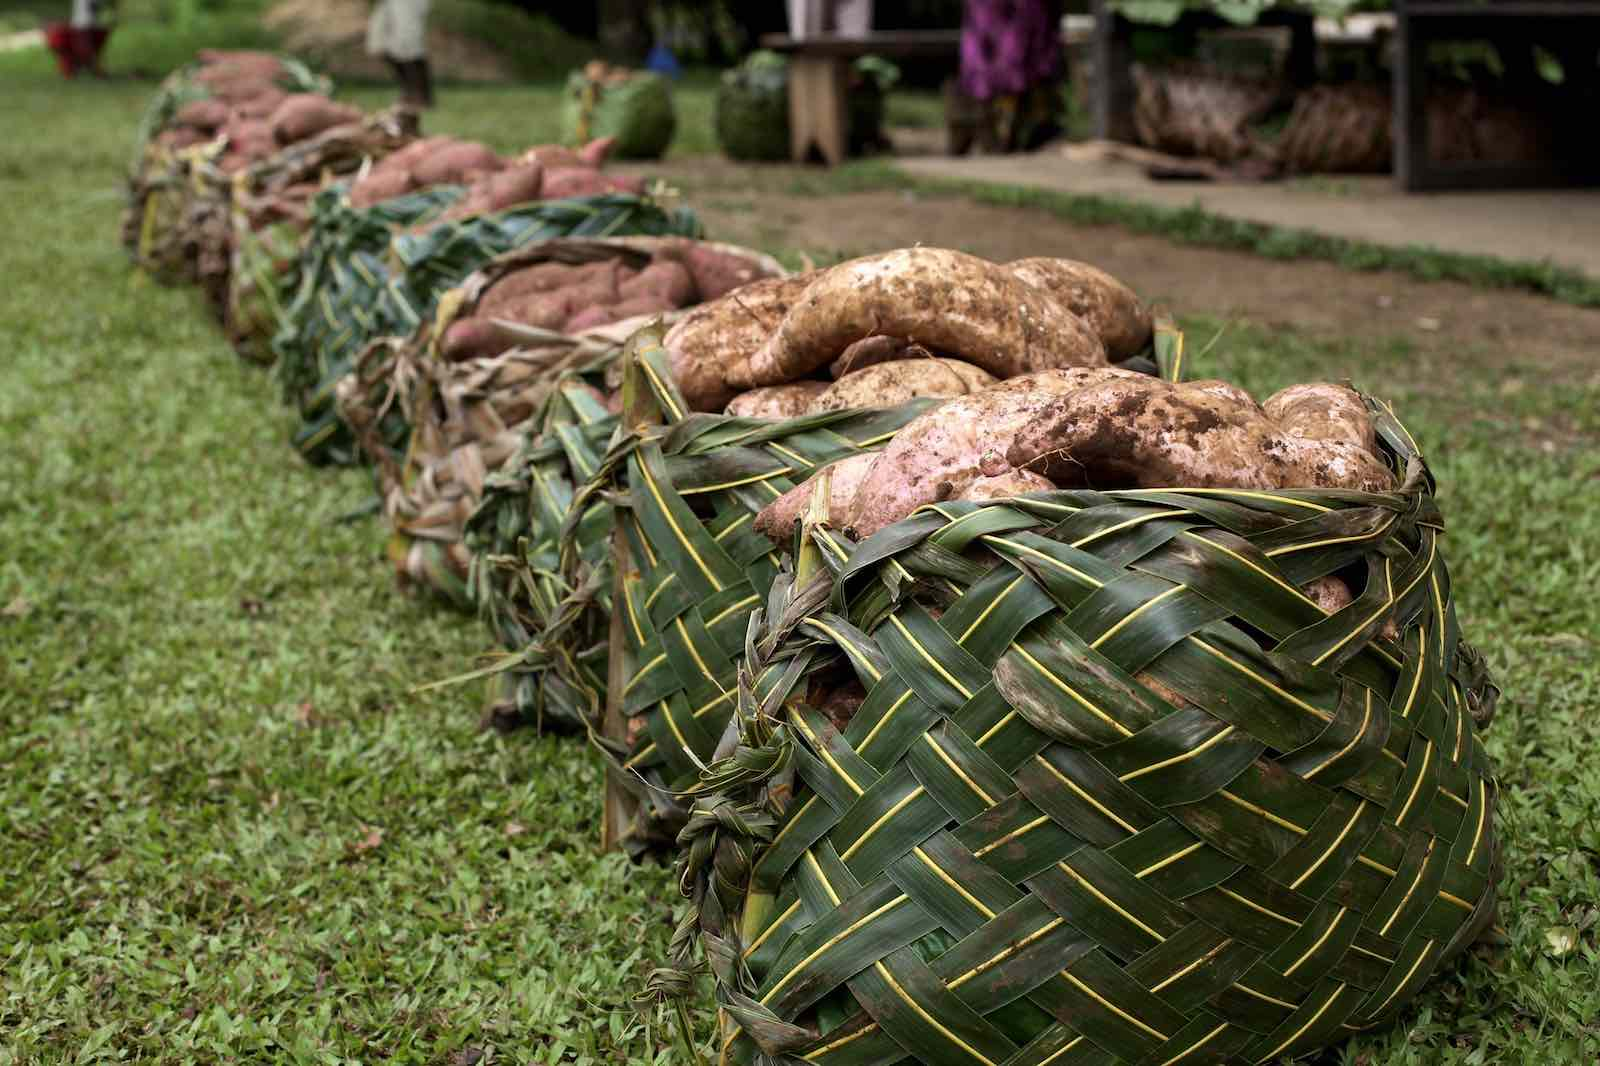 Buka market, Bougainville (Photo: Jeremy Weate/Flickr)